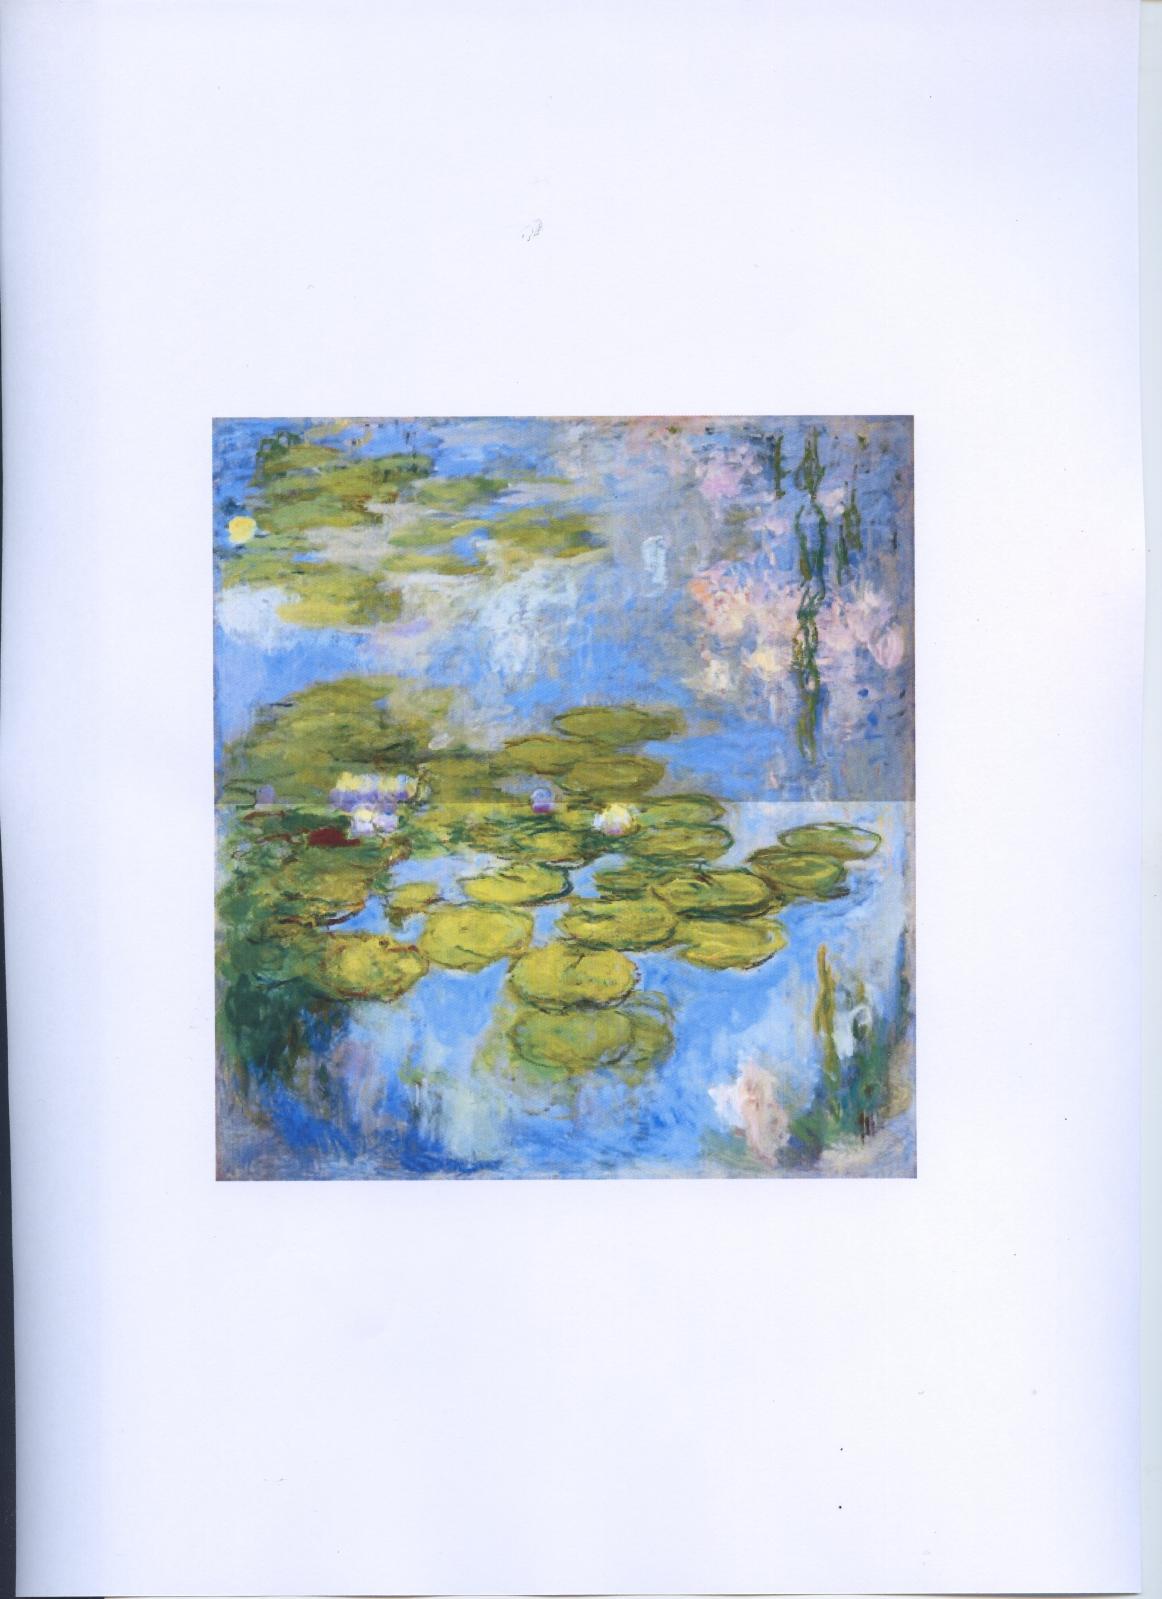 Claude Monet(1840-1926), LesNymphéas, 1916-1919, huile sur toile, 200x180cm, fondation Beyeler, Riehen/Bâle, collectionBeyeler.